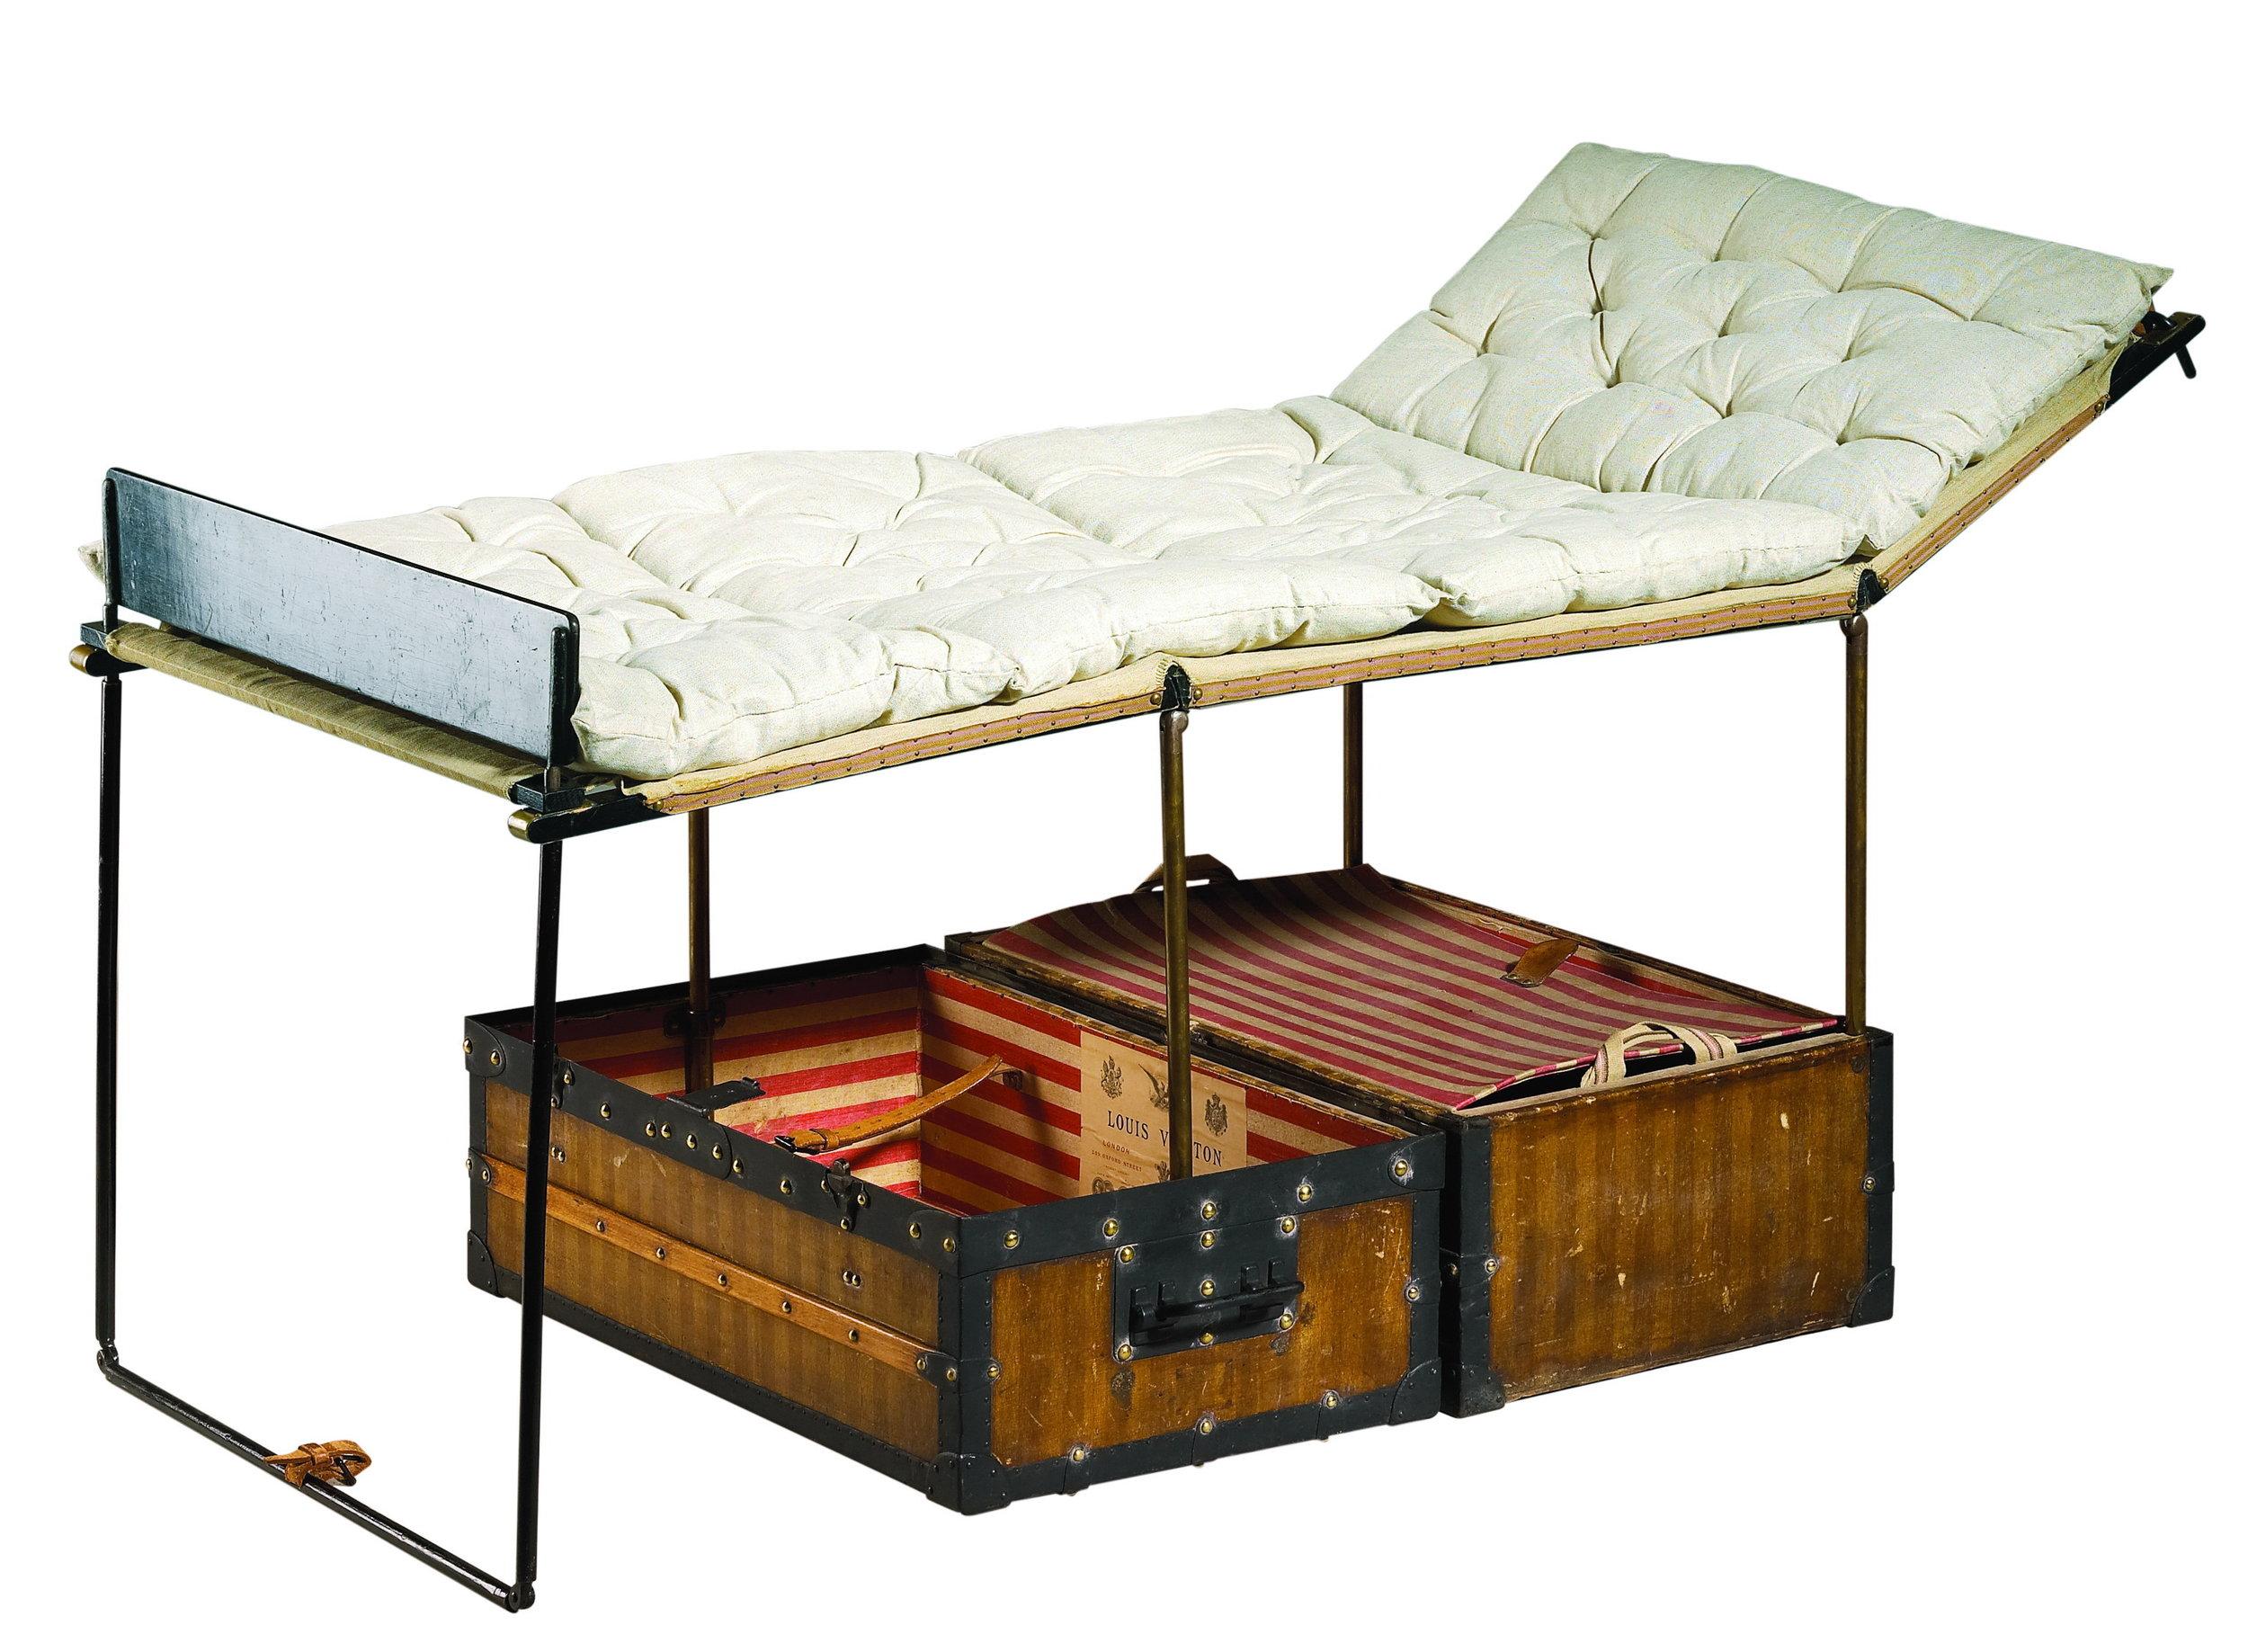 Louis Vuitton Bed Trunk.jpg